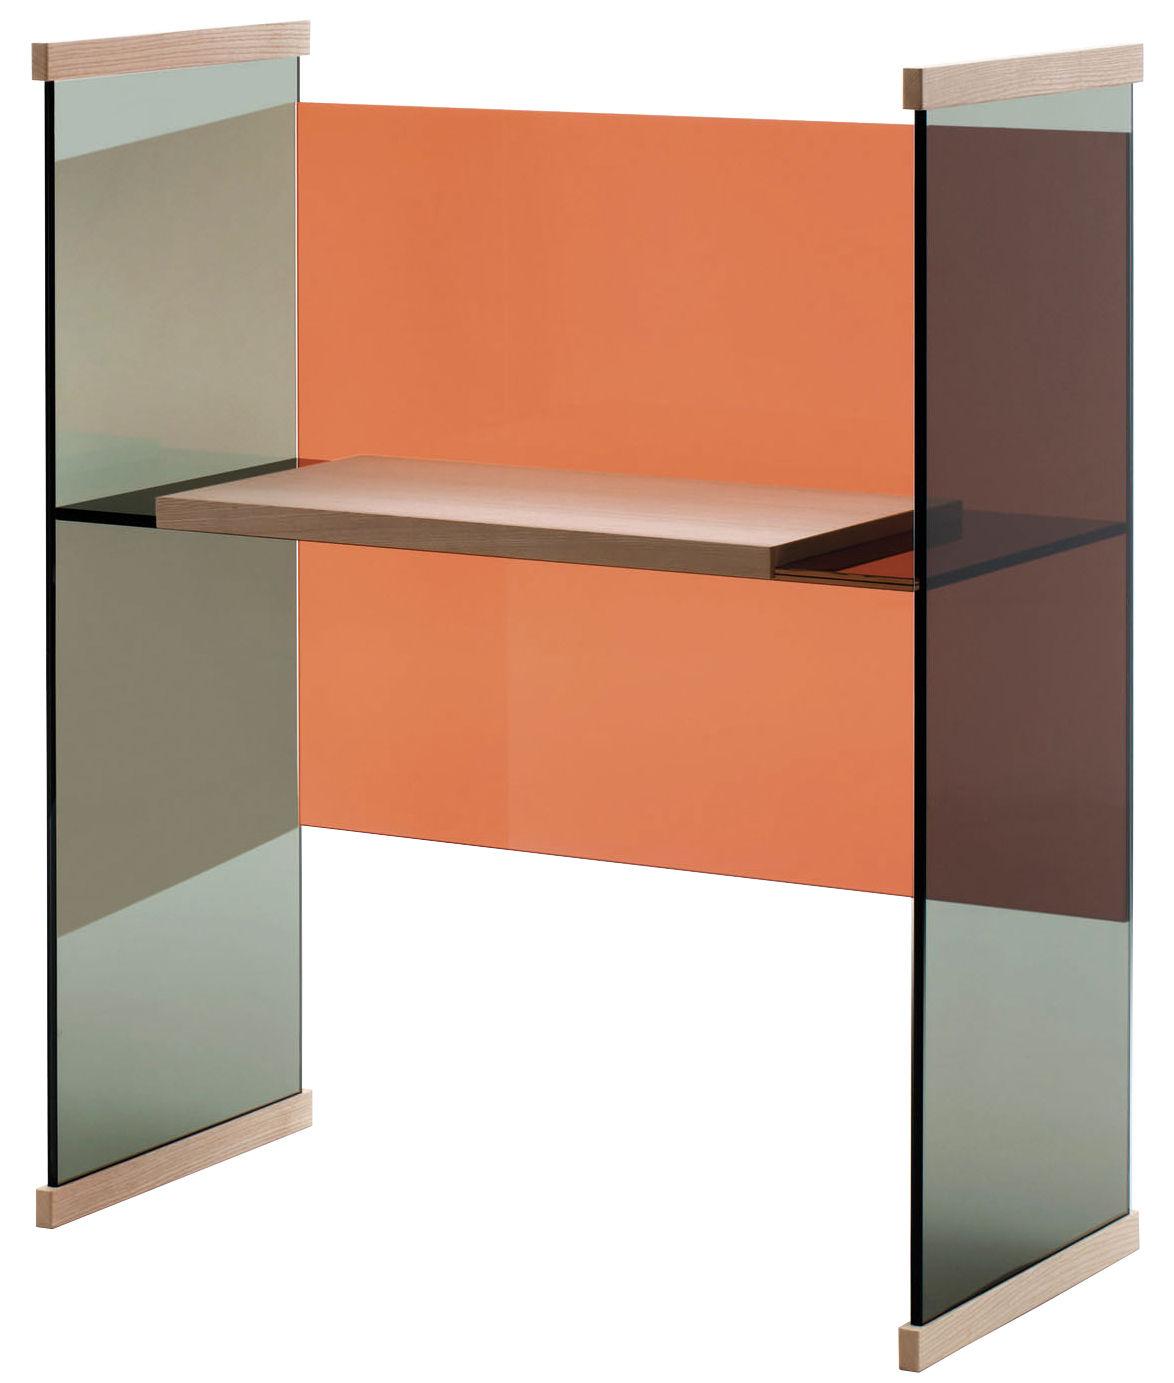 Mobilier - Bureaux - Bureau Diapositive / Bas - H 124 cm - Glas Italia - H 124 cm / Gris foncé & fond orange - Frêne massif, Verre